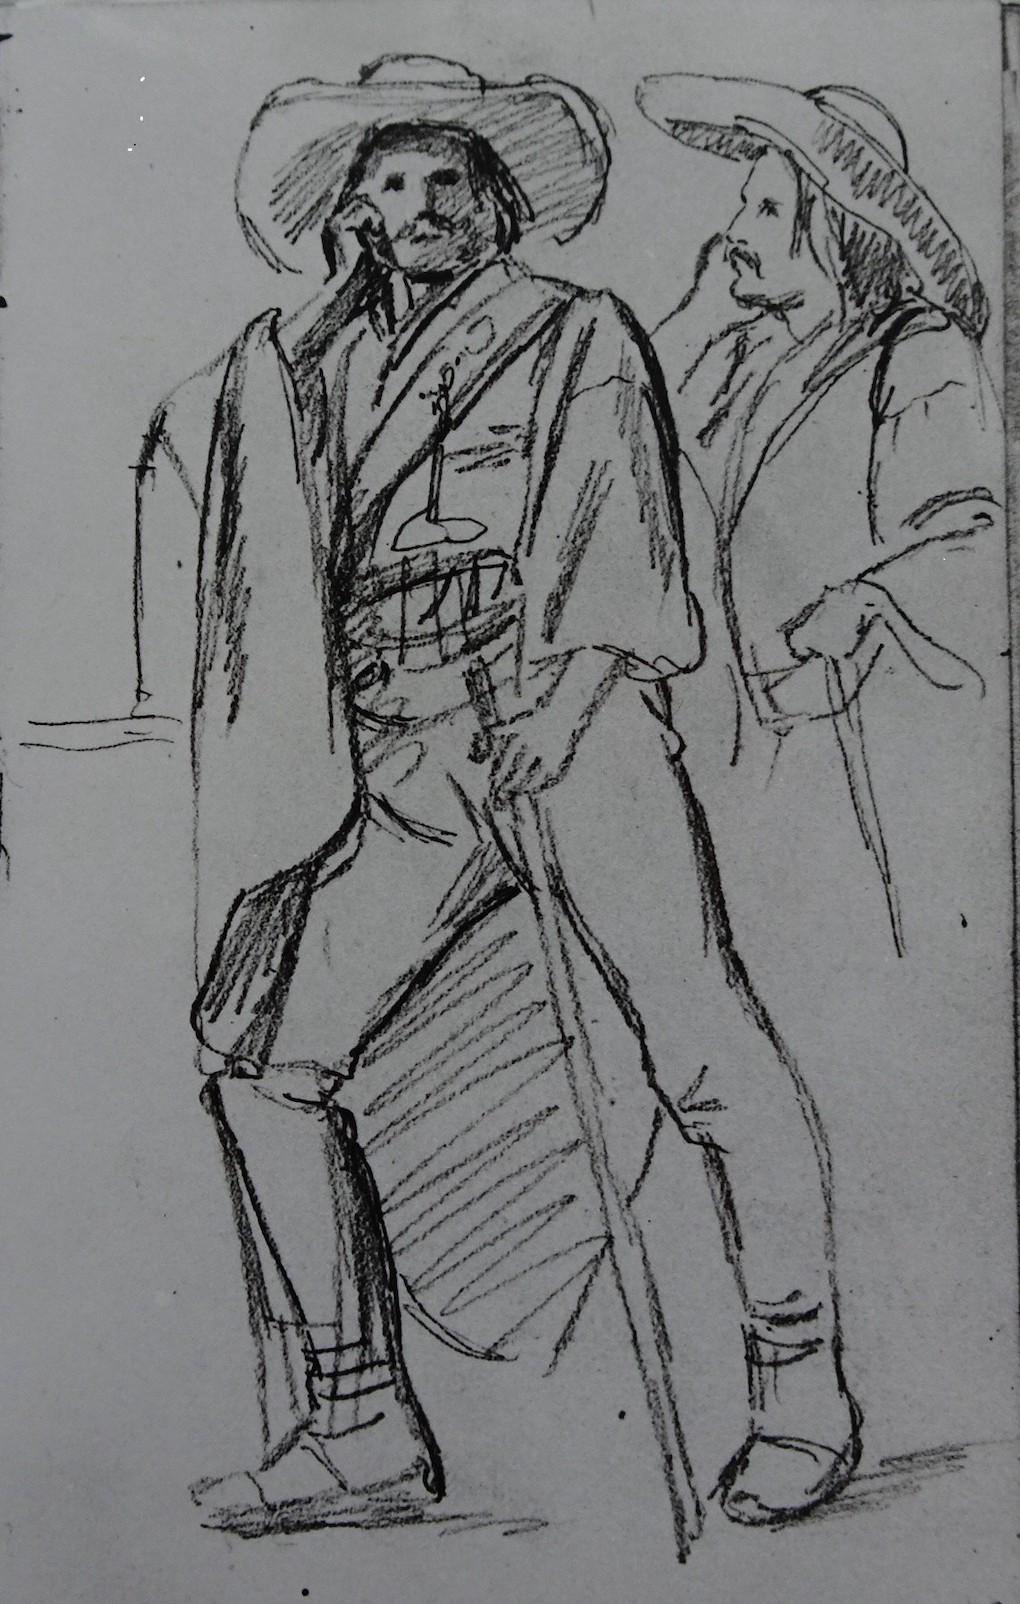 Ludwig Most, Szkice do portretu Michela Labarziena, 1840, ołówek na papierze welinowym, Szkicownik nr VI, karta 49, Muzeum Narodowe w Szczecinie